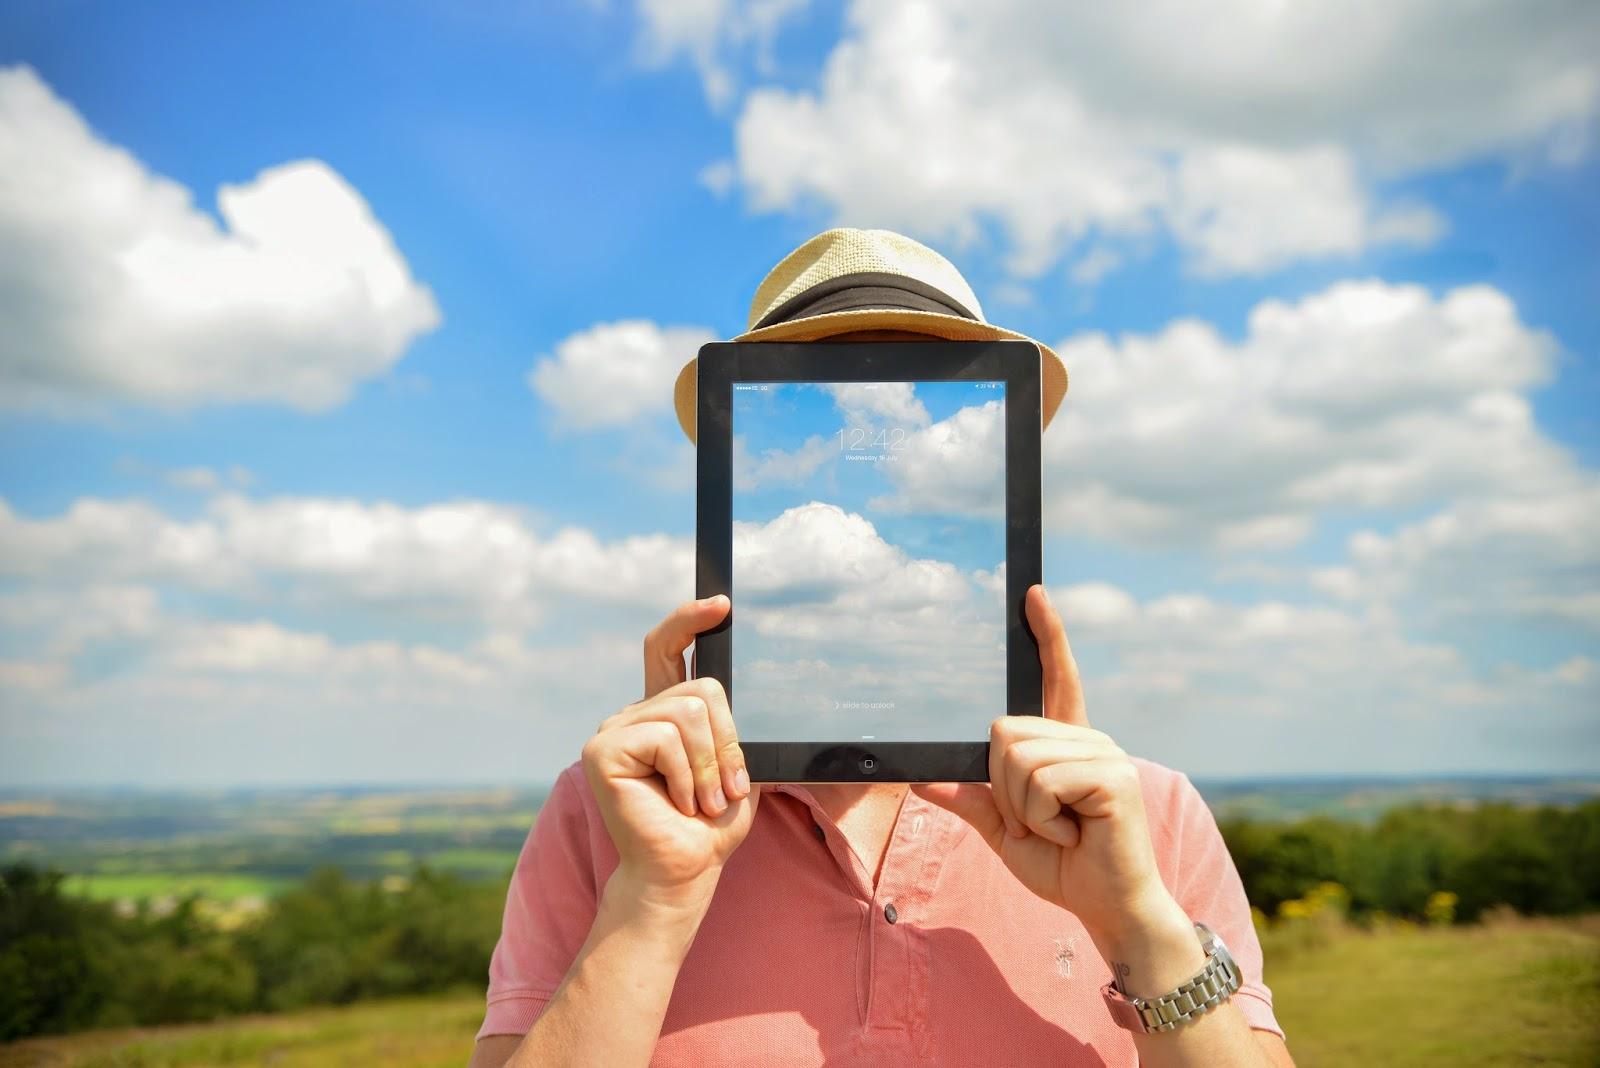 タブレットと青空の画像